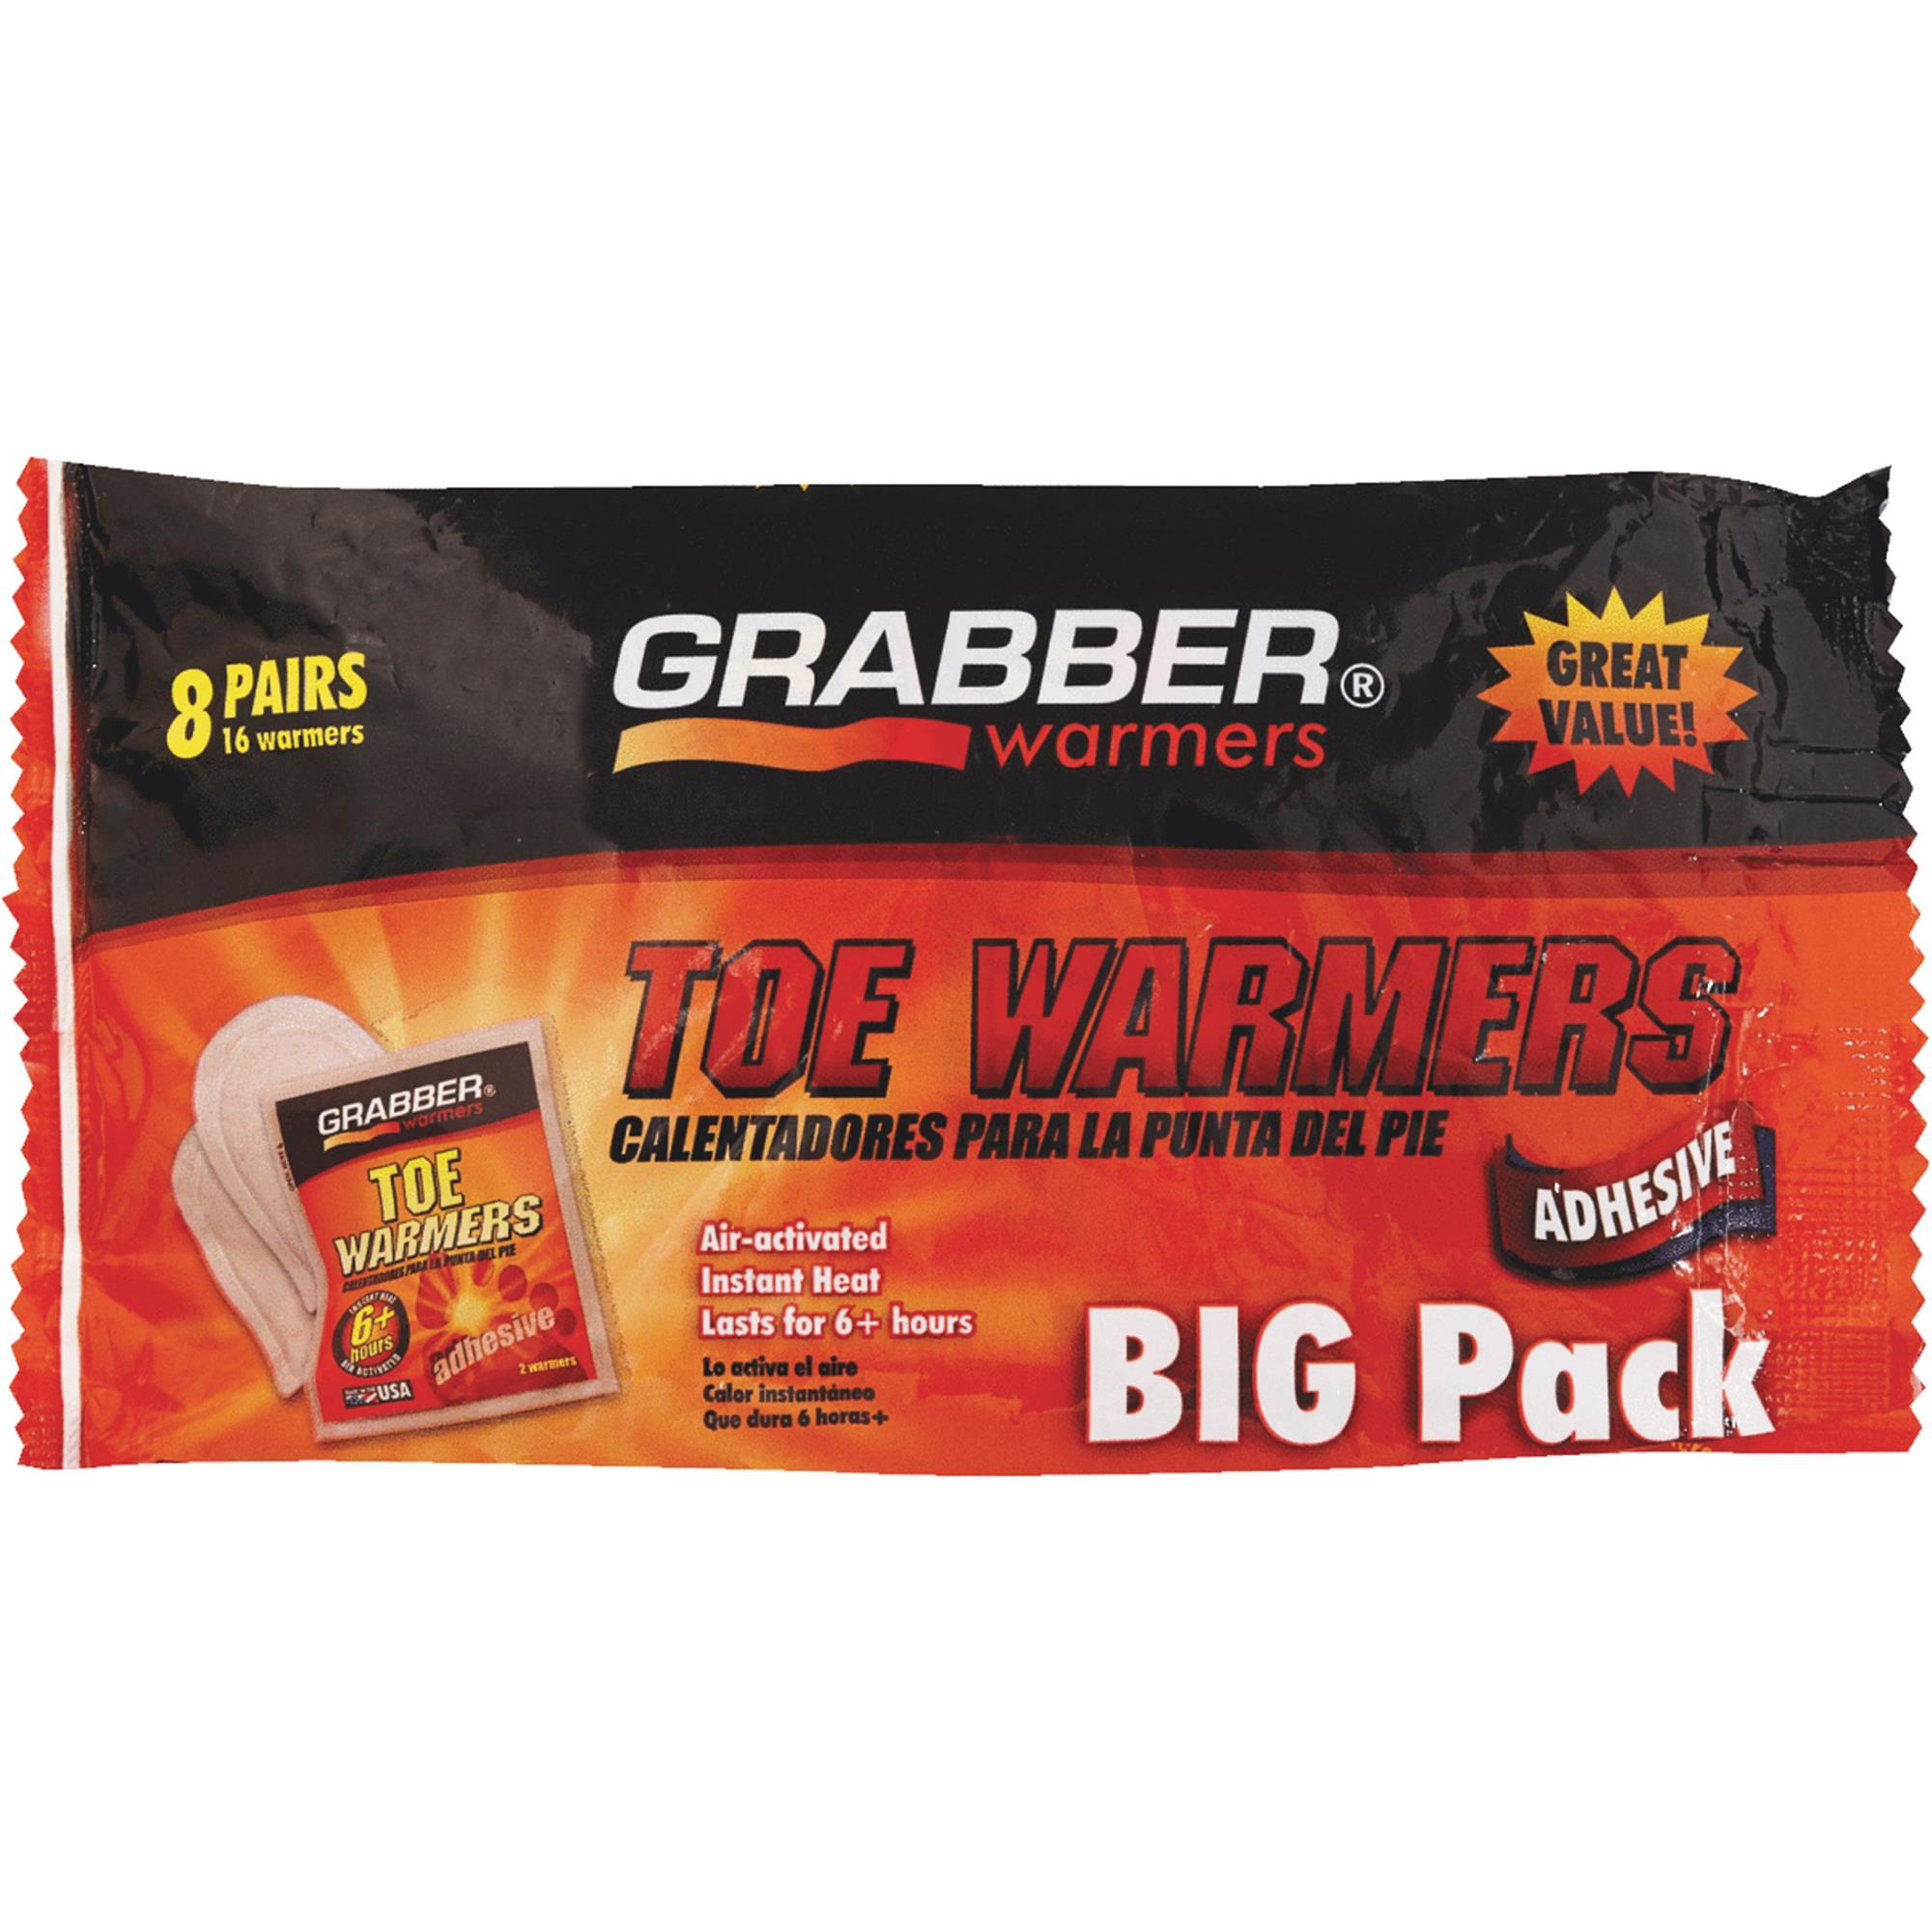 Body Toe Warmer by Grabber